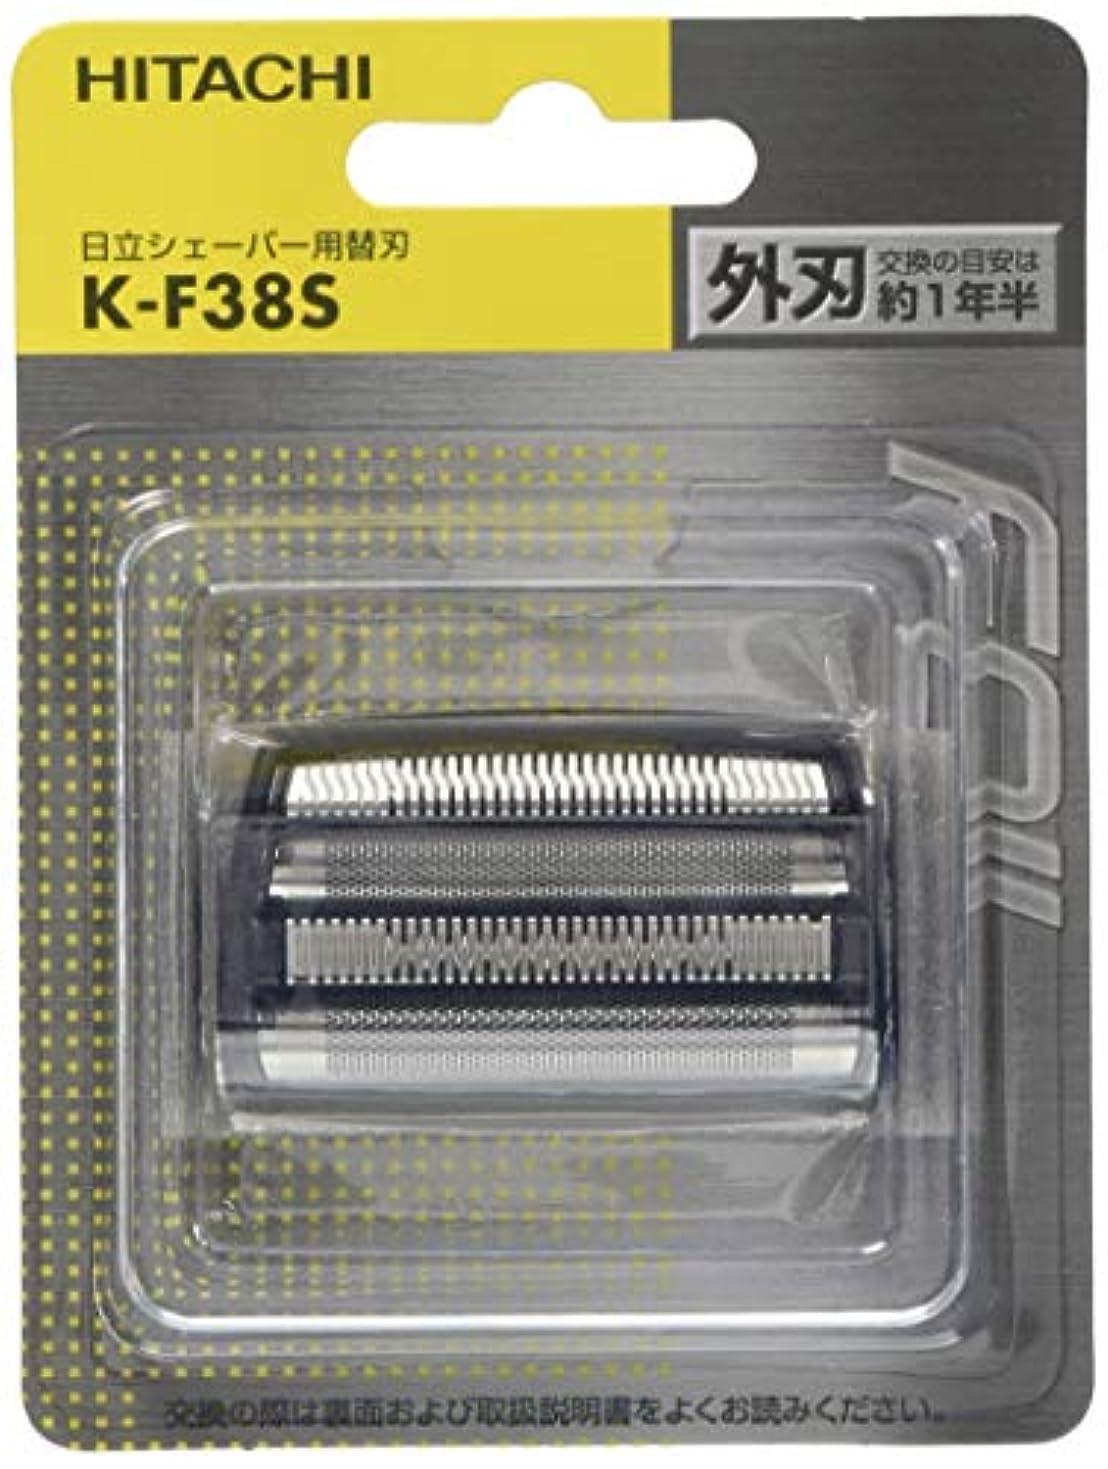 時間厳守熱狂的なオープナー日立 メンズシェーバー用替刃(外刃) K-F38S